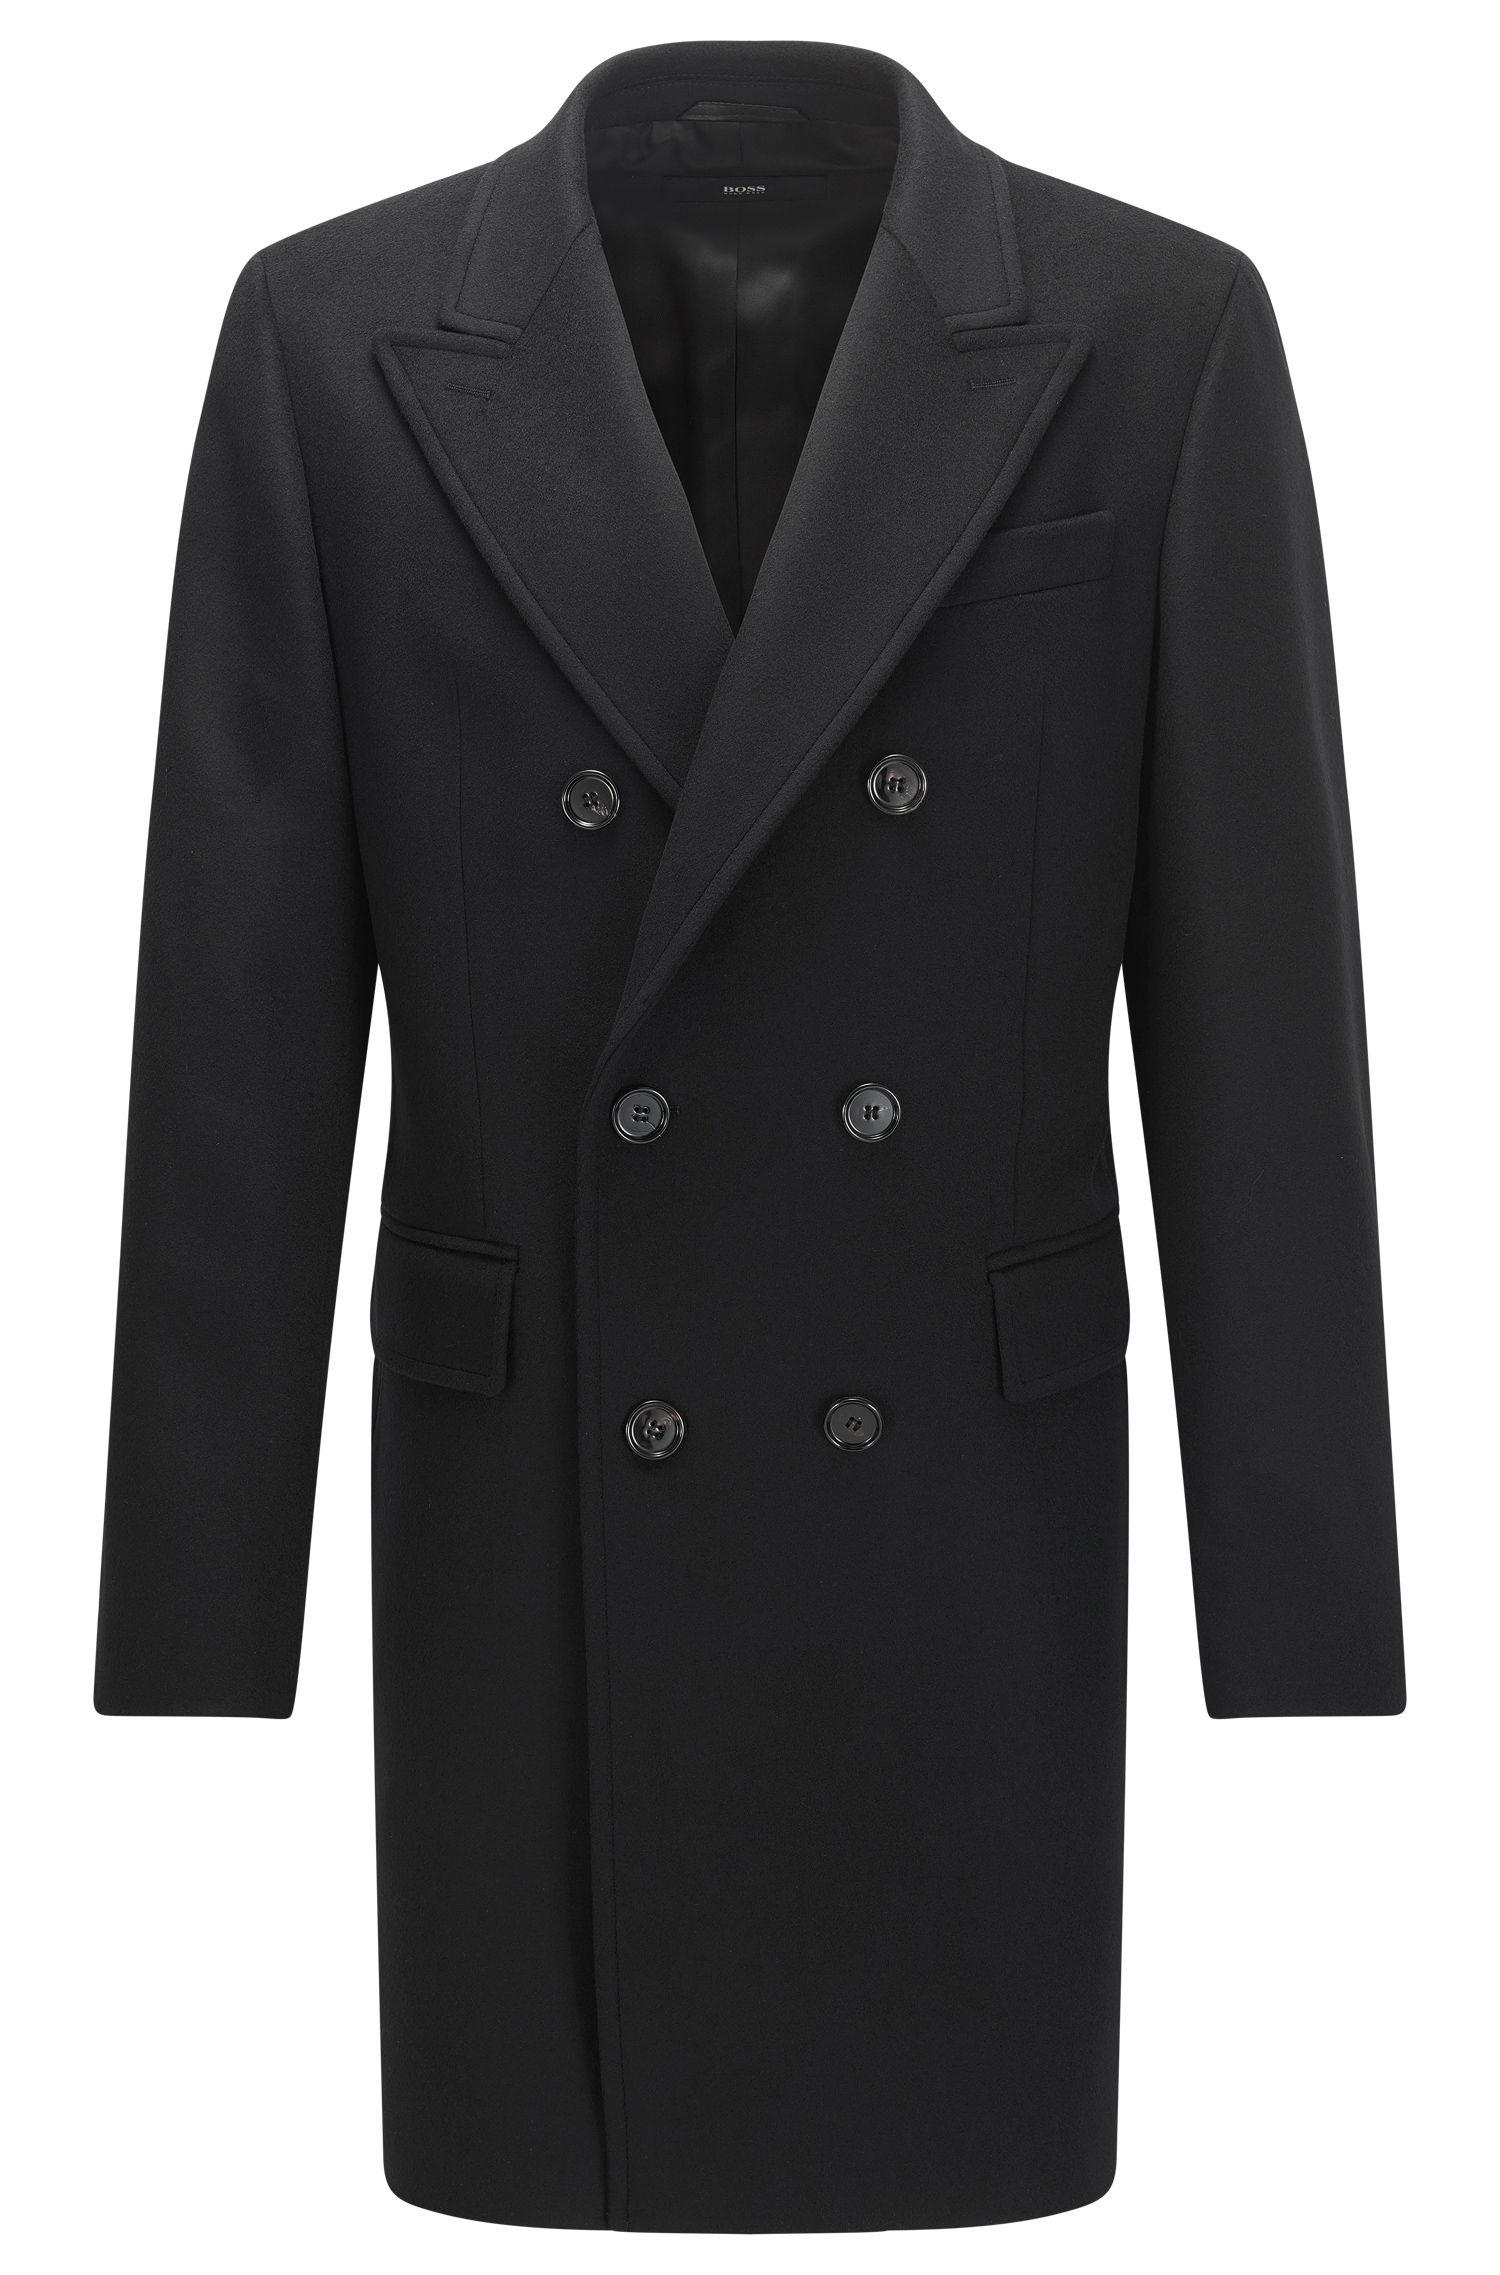 Zweireihiger Slim-Fit Mantel aus Schurwoll-Mix mit Kaschmir